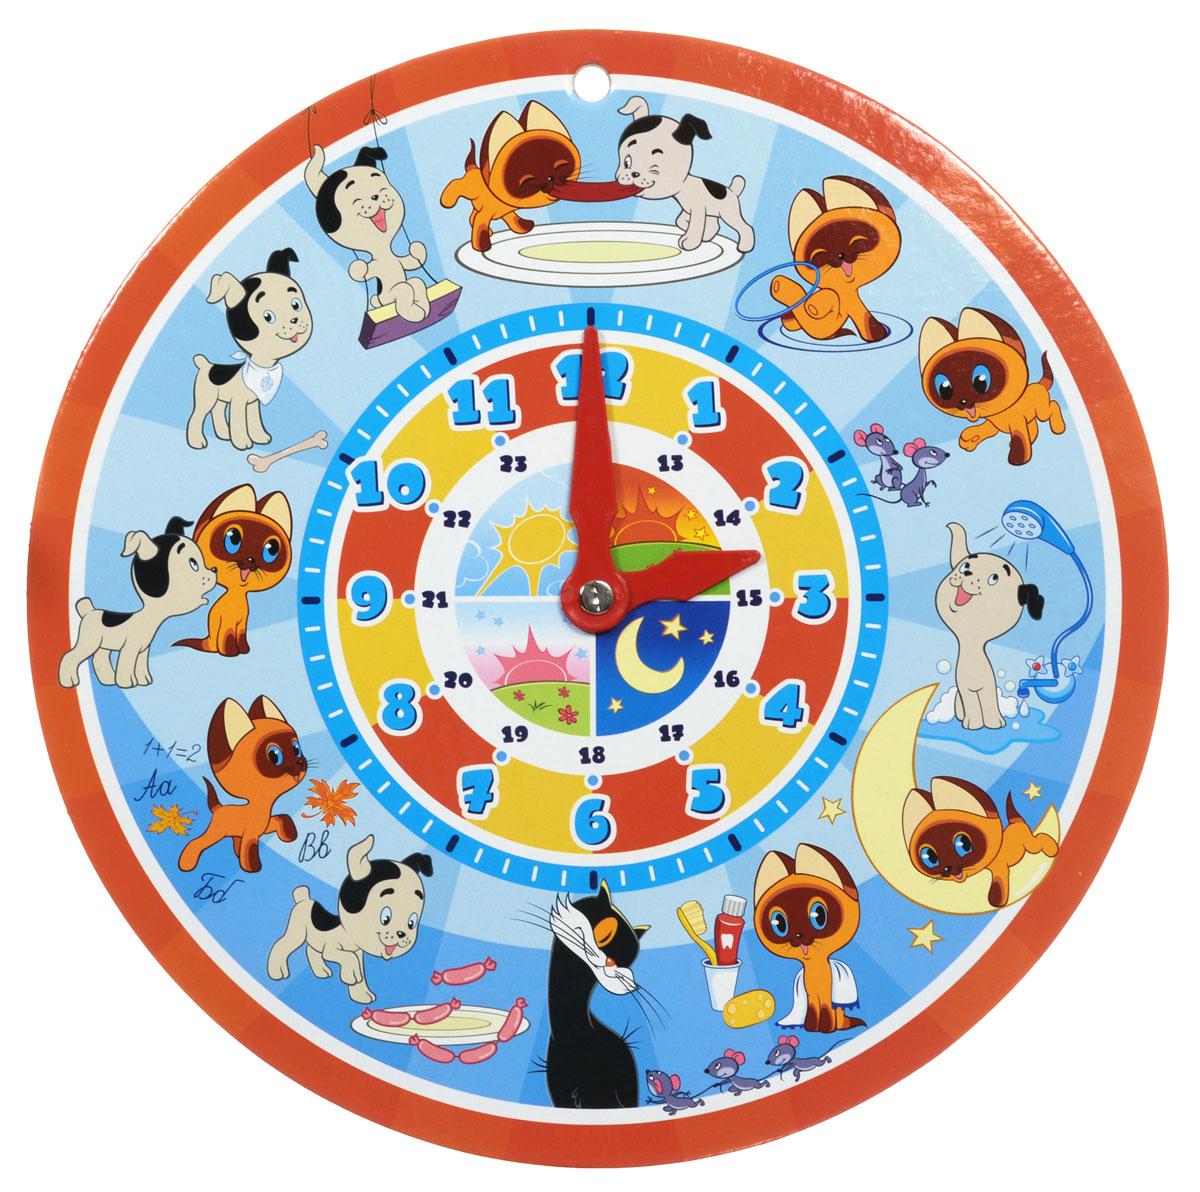 Часы для ребёнка своими руками 81